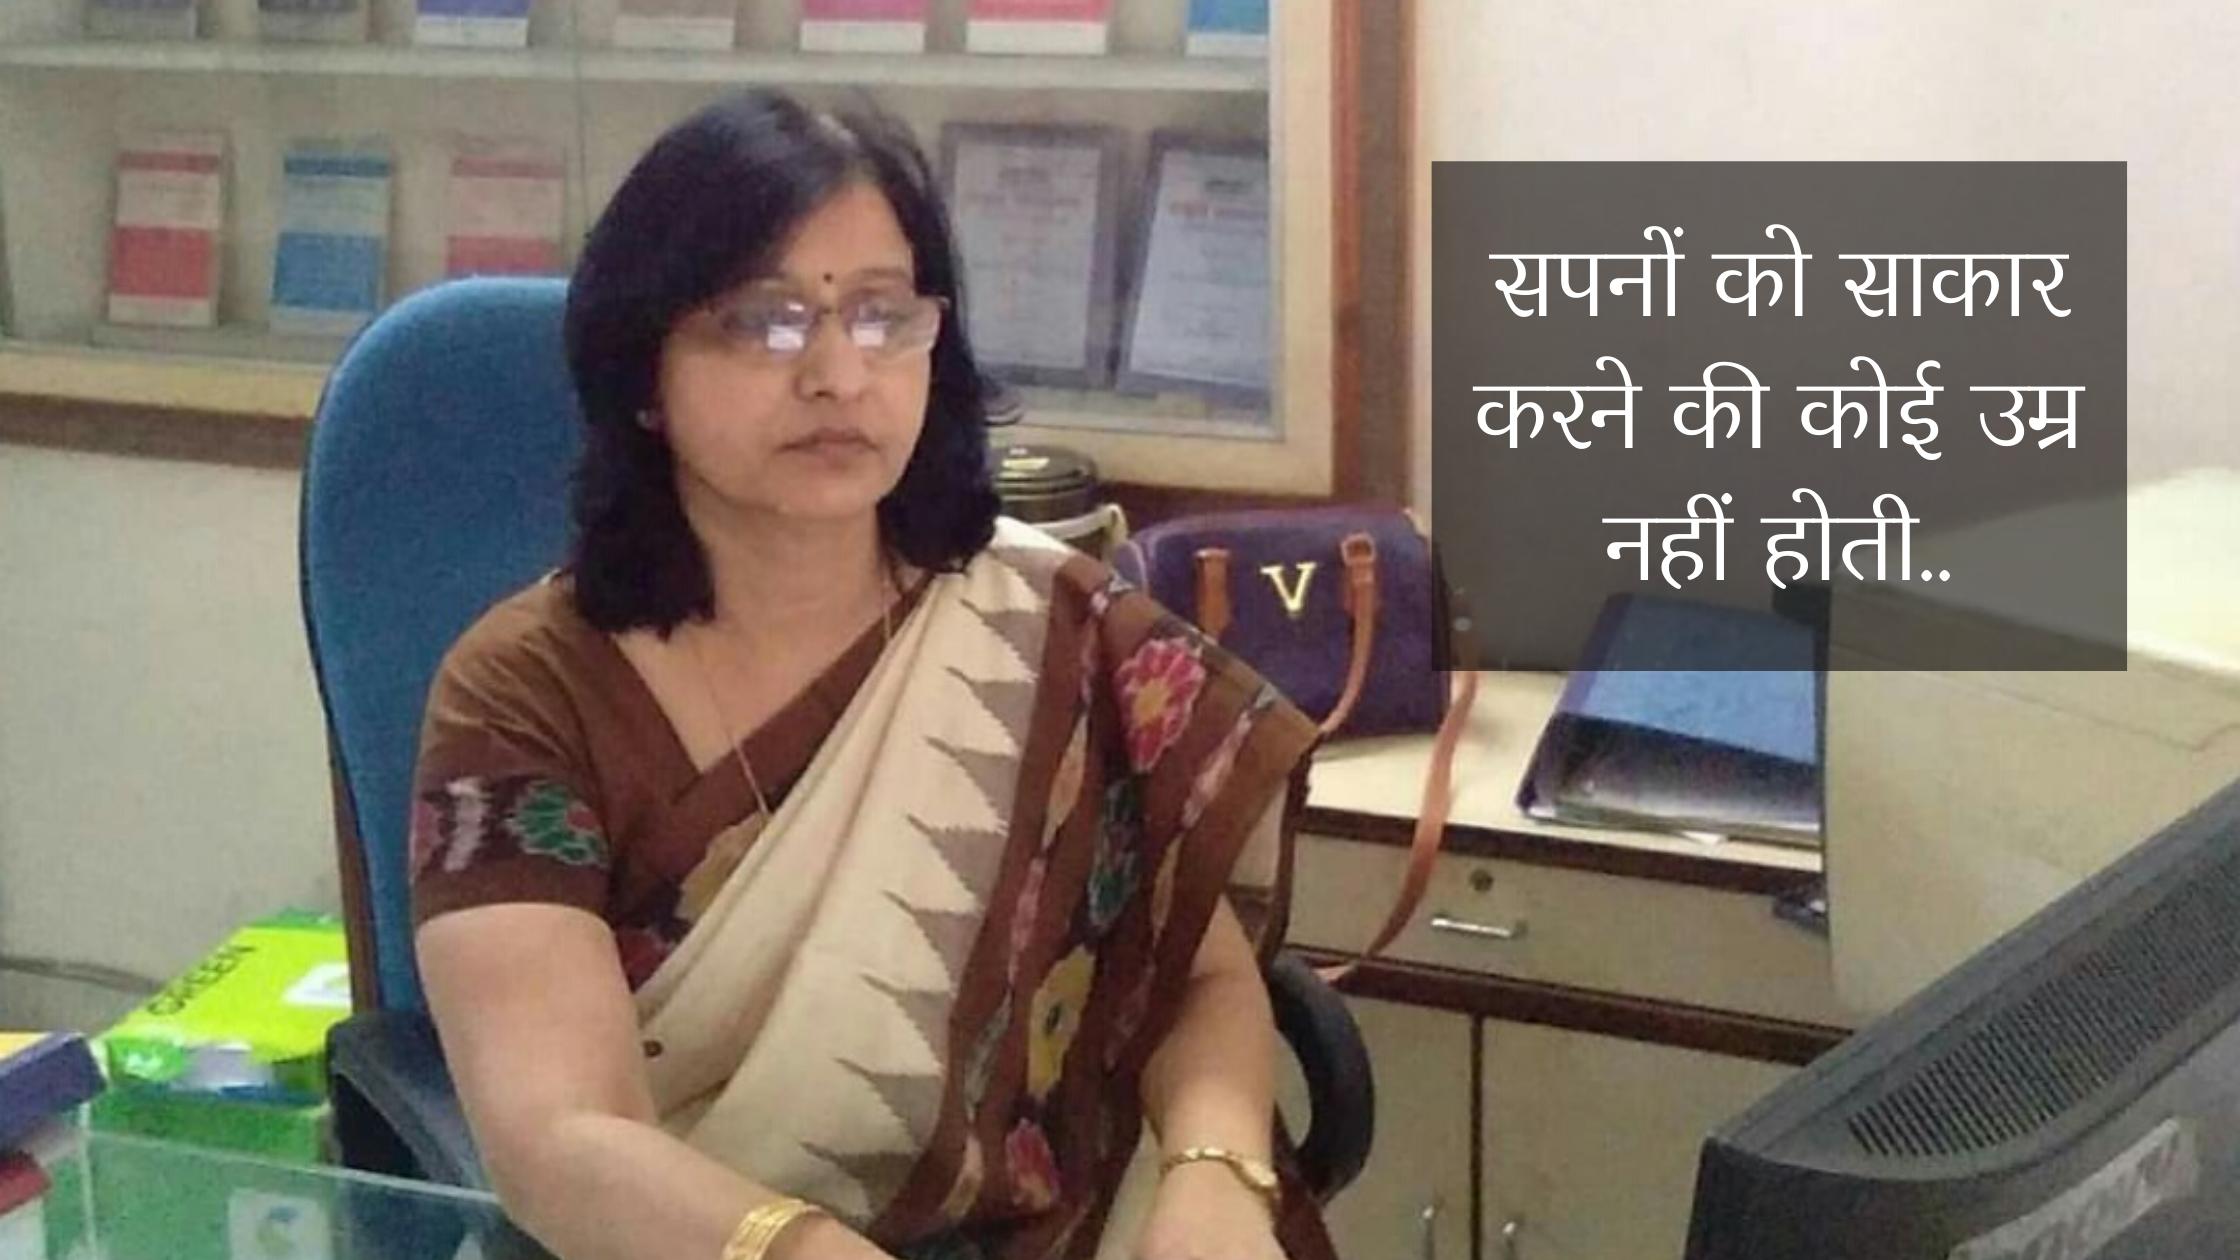 जुनून अभी बाकी है- डॉ. प्रमिला जैन |  58 वर्ष की आयु में भी उतनी ही ऊर्जावान, सक्रिय तथा कुछ नया सीखने की ललक